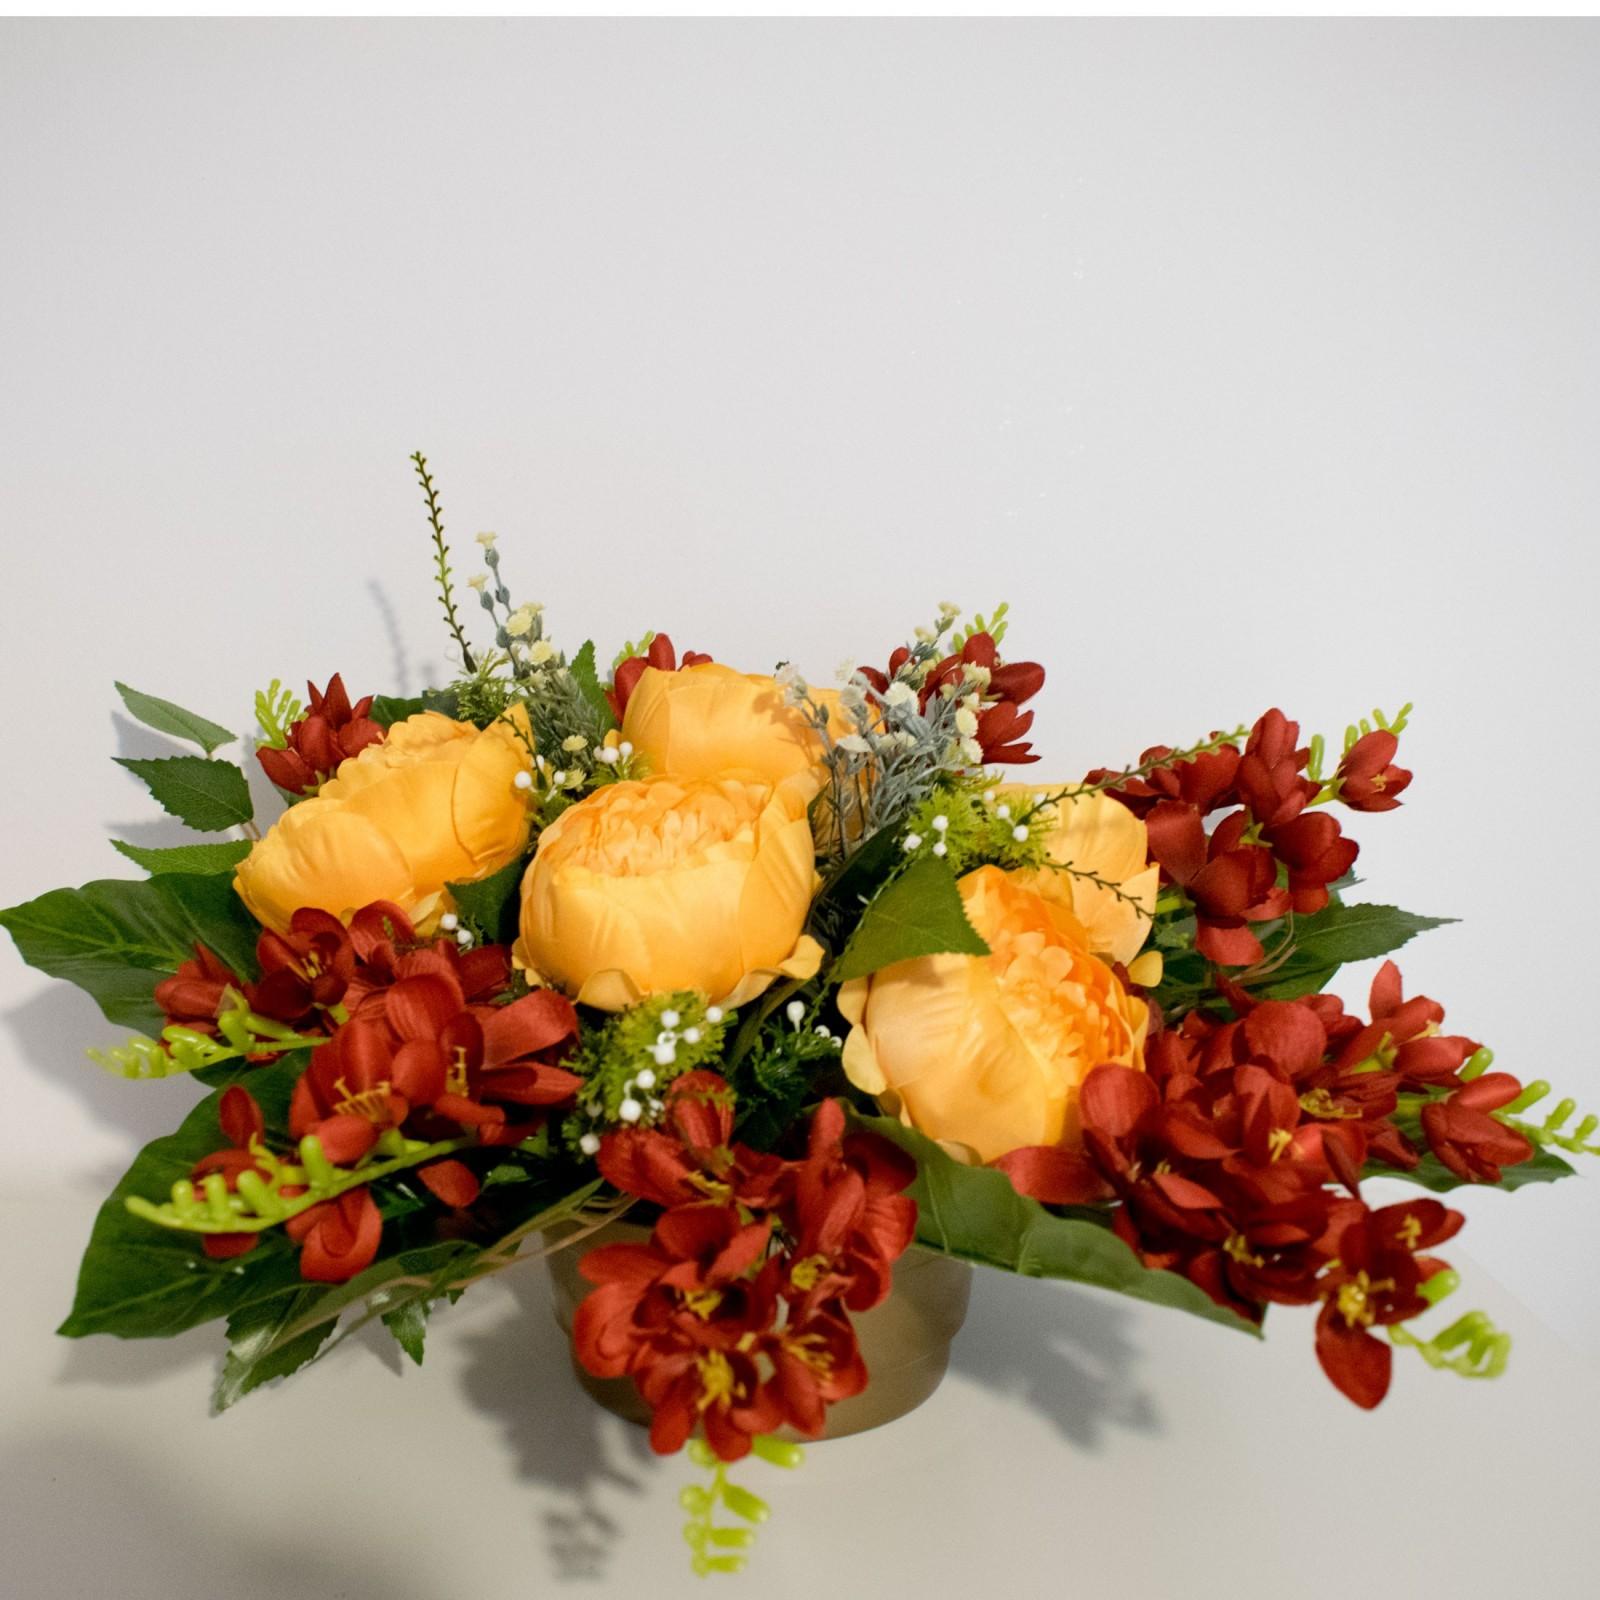 KOMPOZYCJA kwiatowa nagrobna sztuczna - STROIK na cmentarz